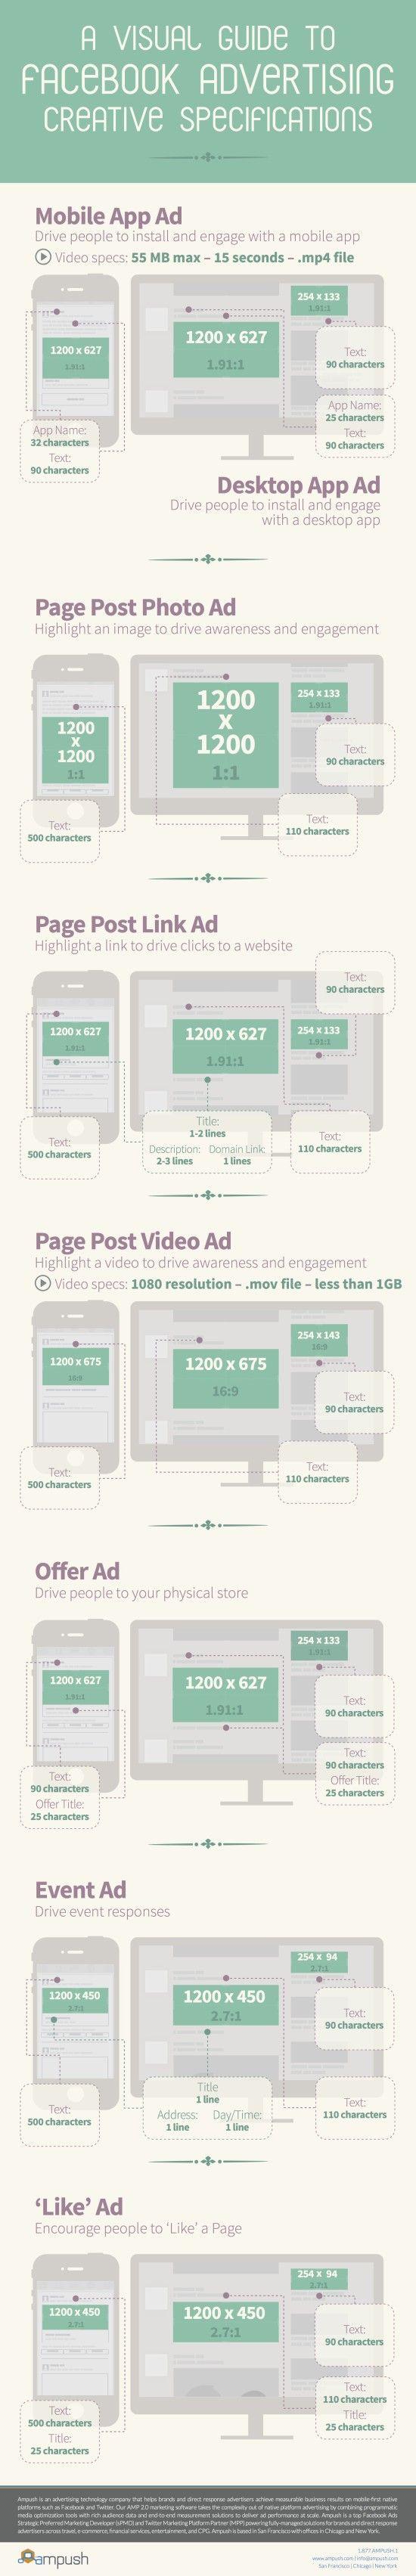 Voici les spécificités des images et le nombre de caractères à respecter pour créer une publicité optimale sur Facebook.